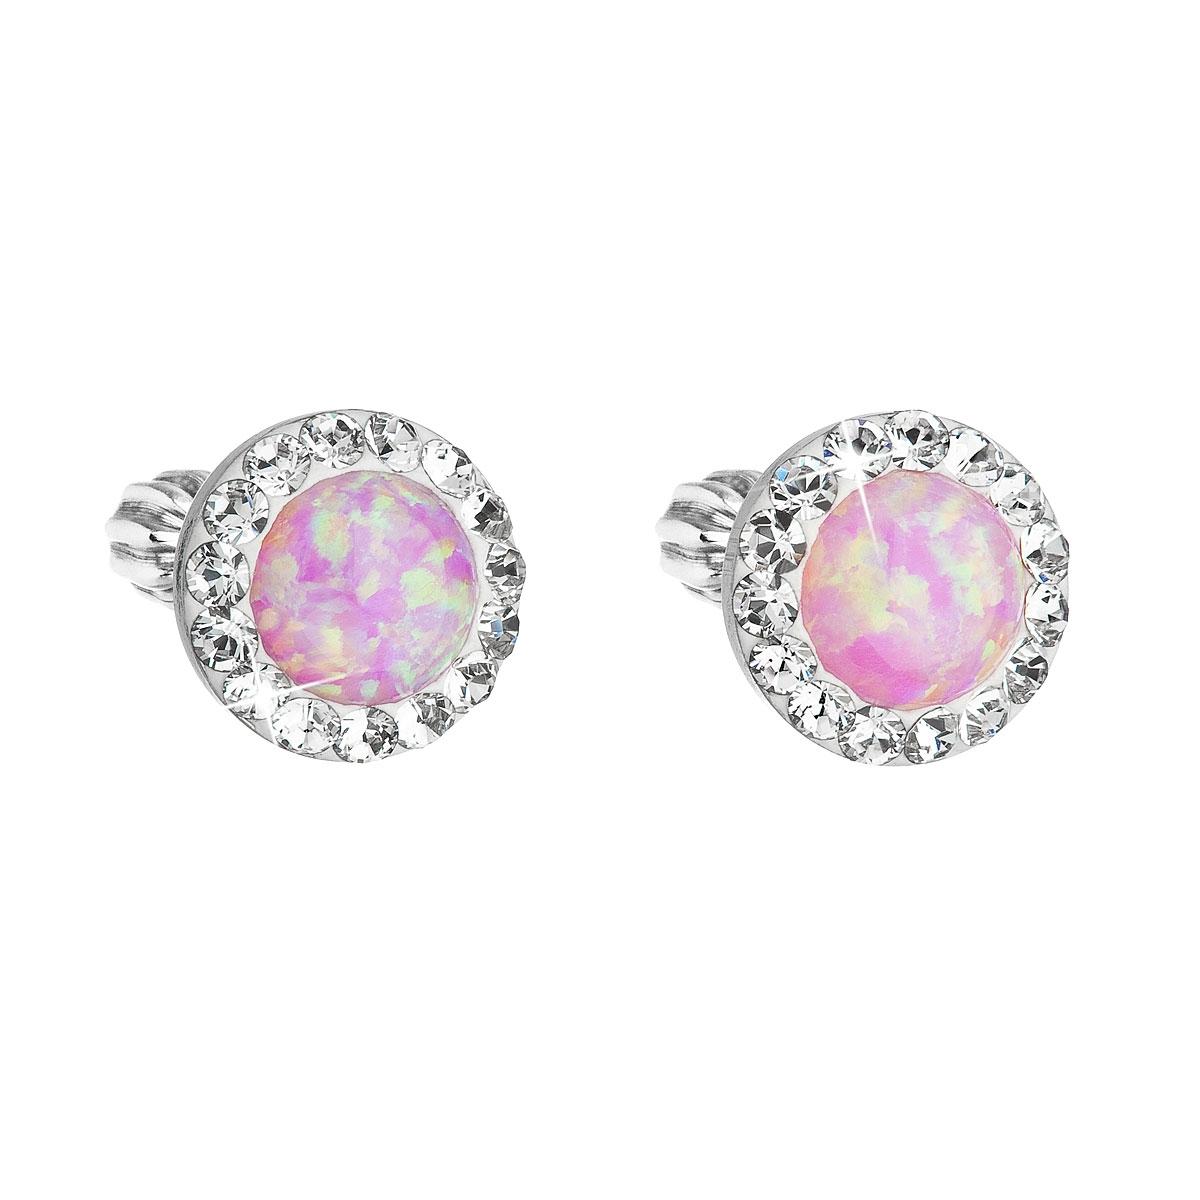 Náušnice s kamínky Crystals from Swarovski® a opály, Rose